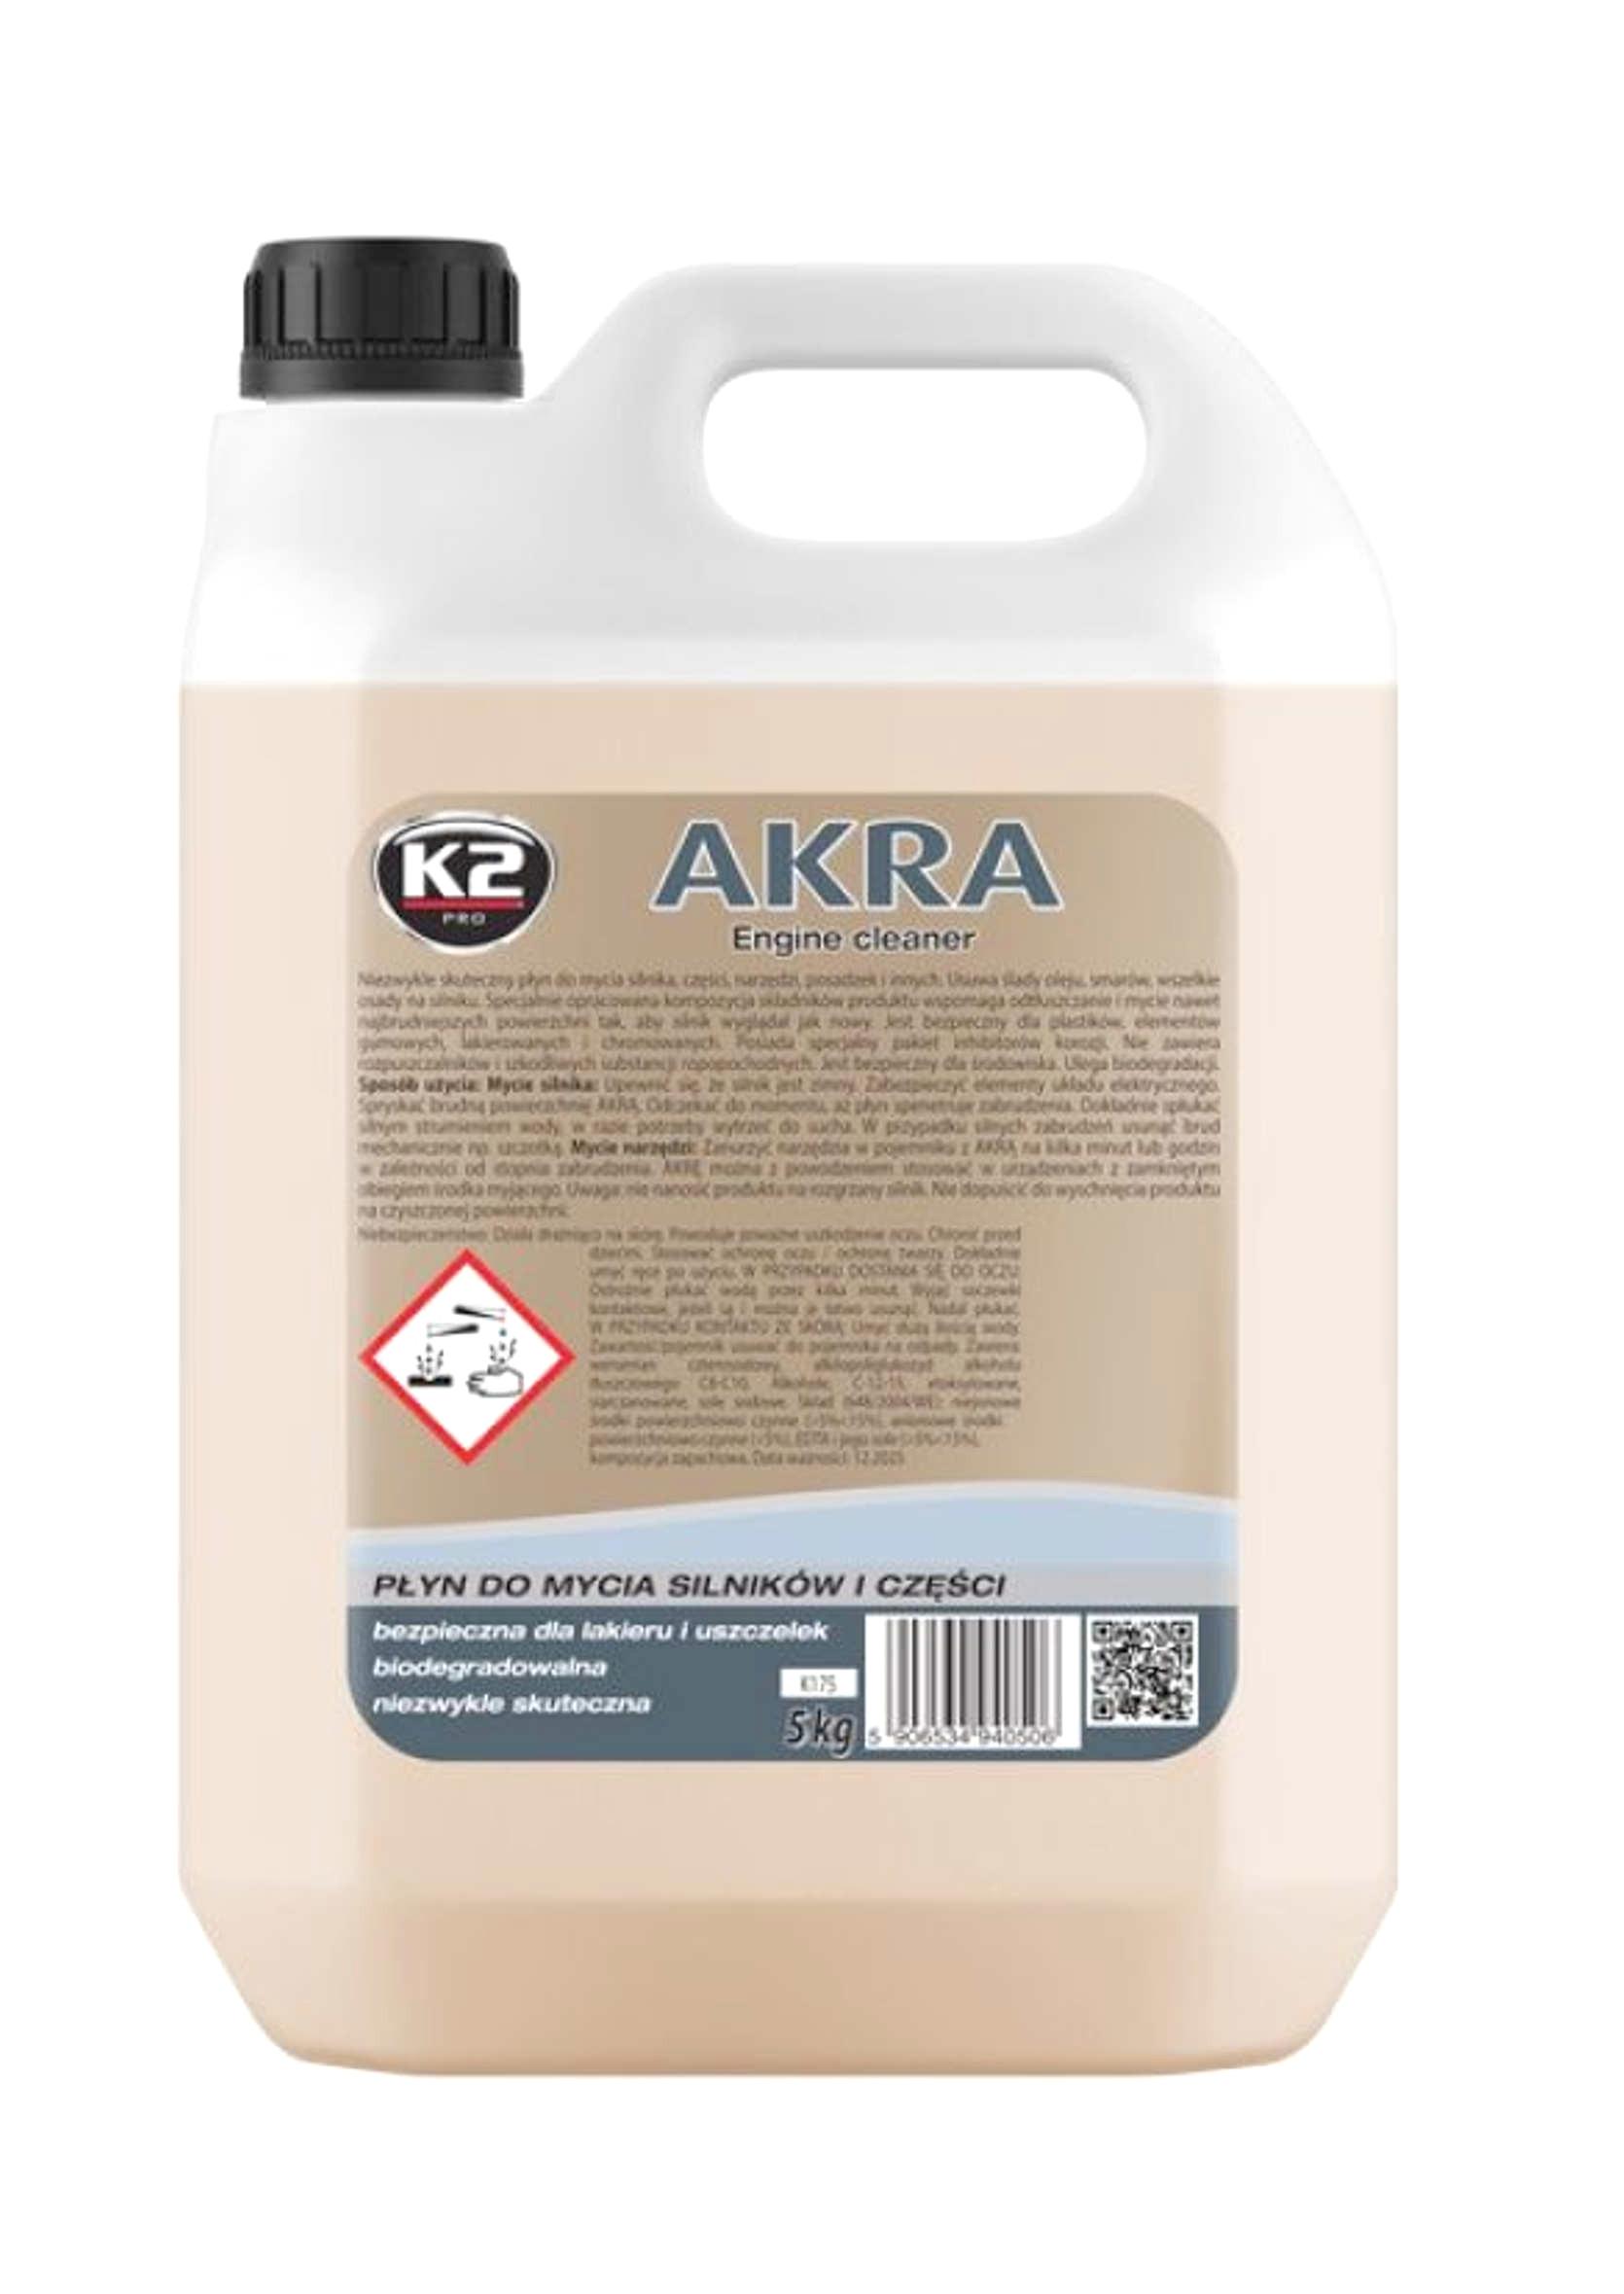 K2 Akra 5L Płyn do Mycia Silnika Części Narzędzi